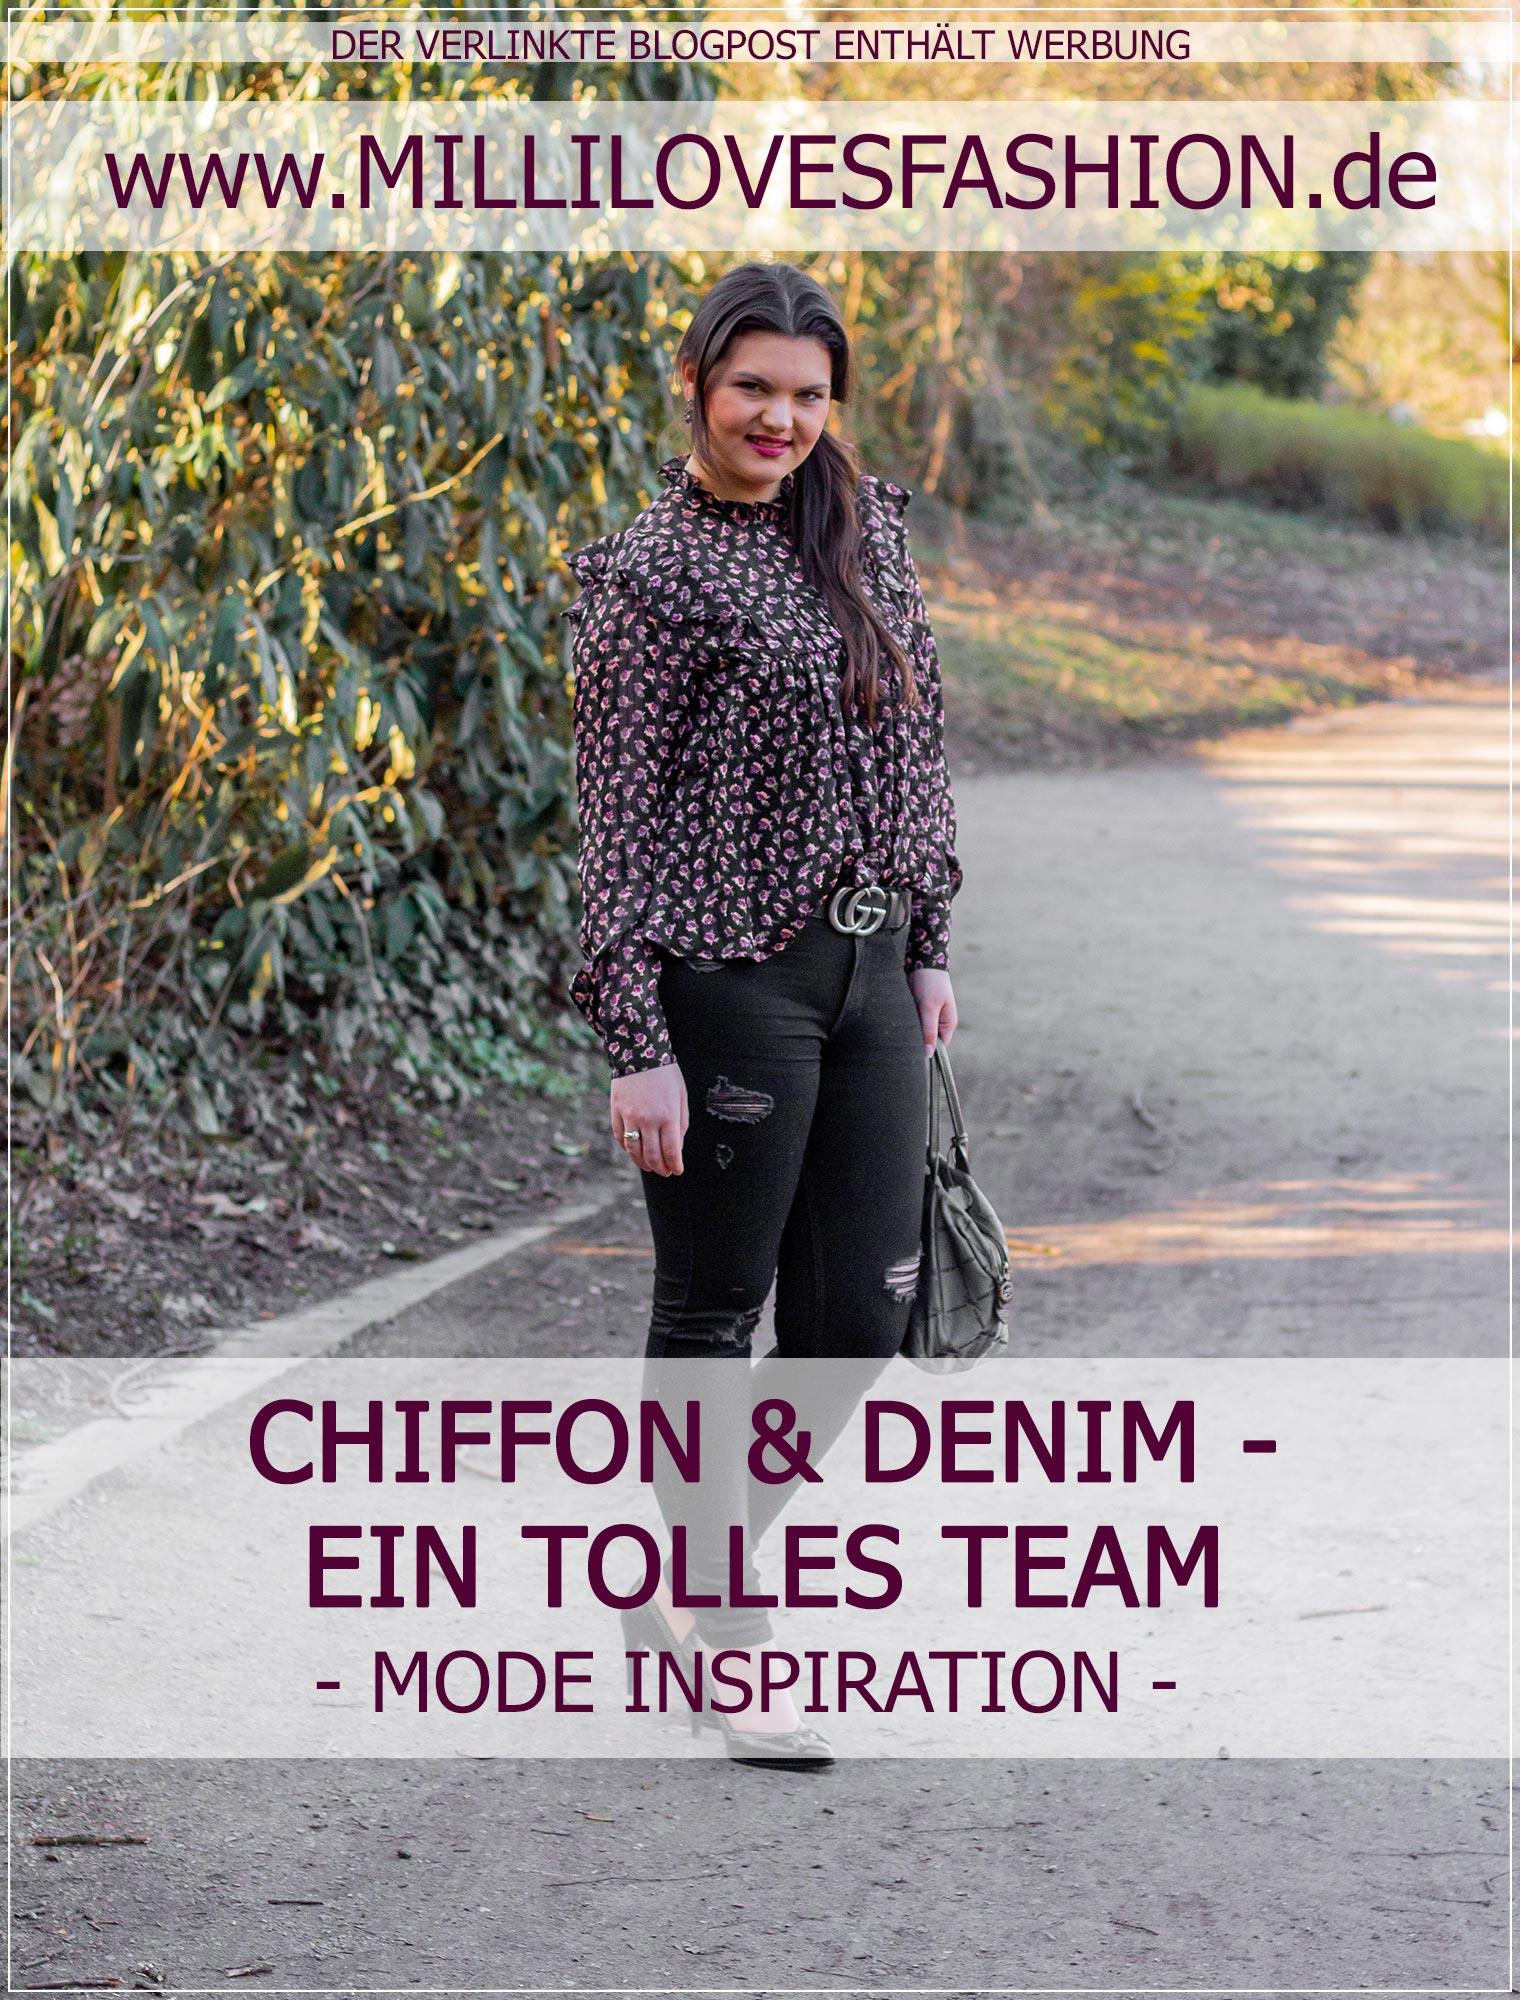 Chiffon und Ripped Jeans miteinander kombinieren